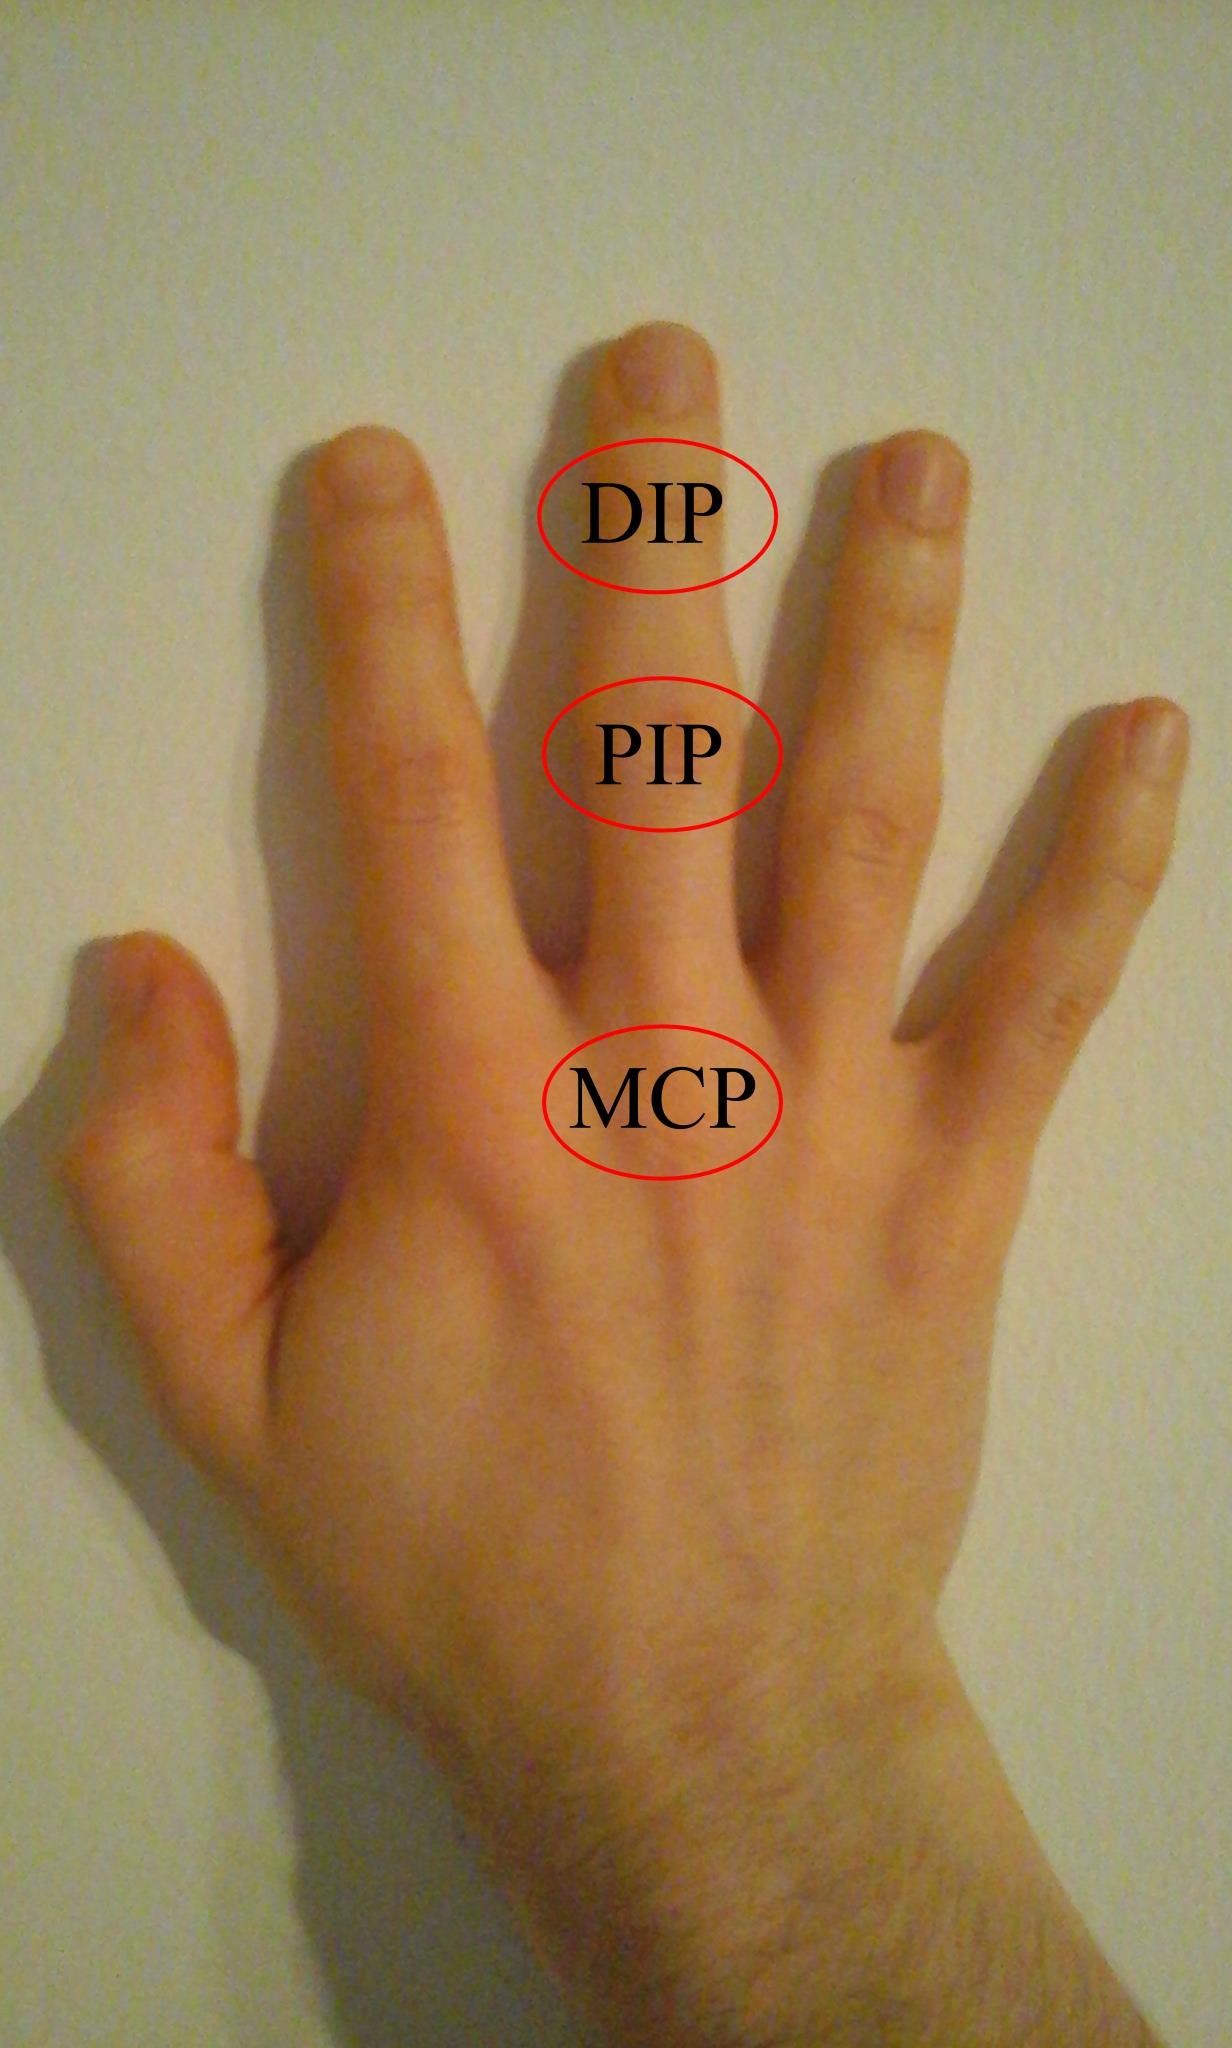 fáj a bal kéz középső ujján lévő ízület